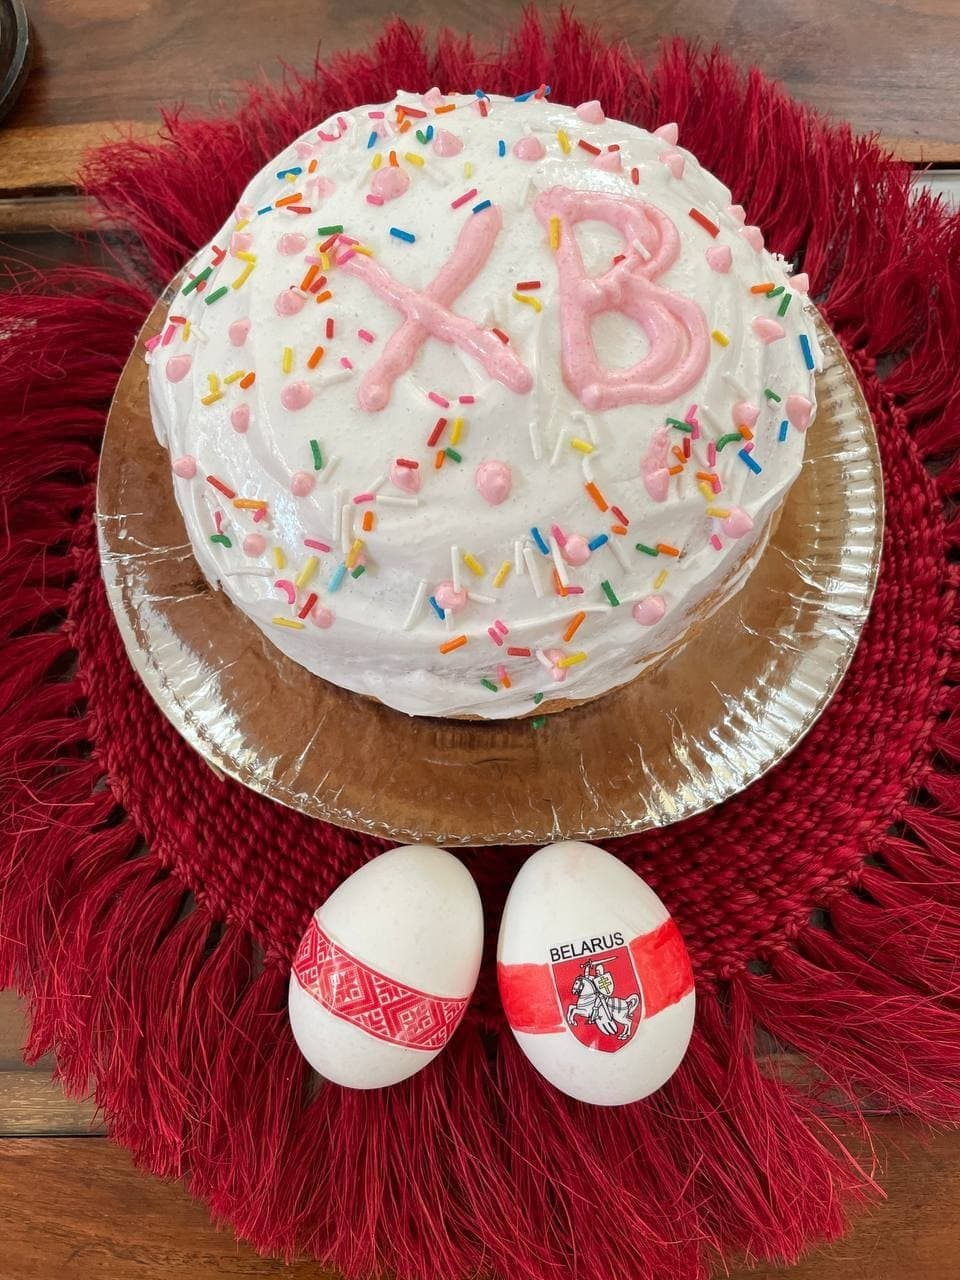 Белорусы готовы праздновать Пасху с бело-красно-белой символикой7